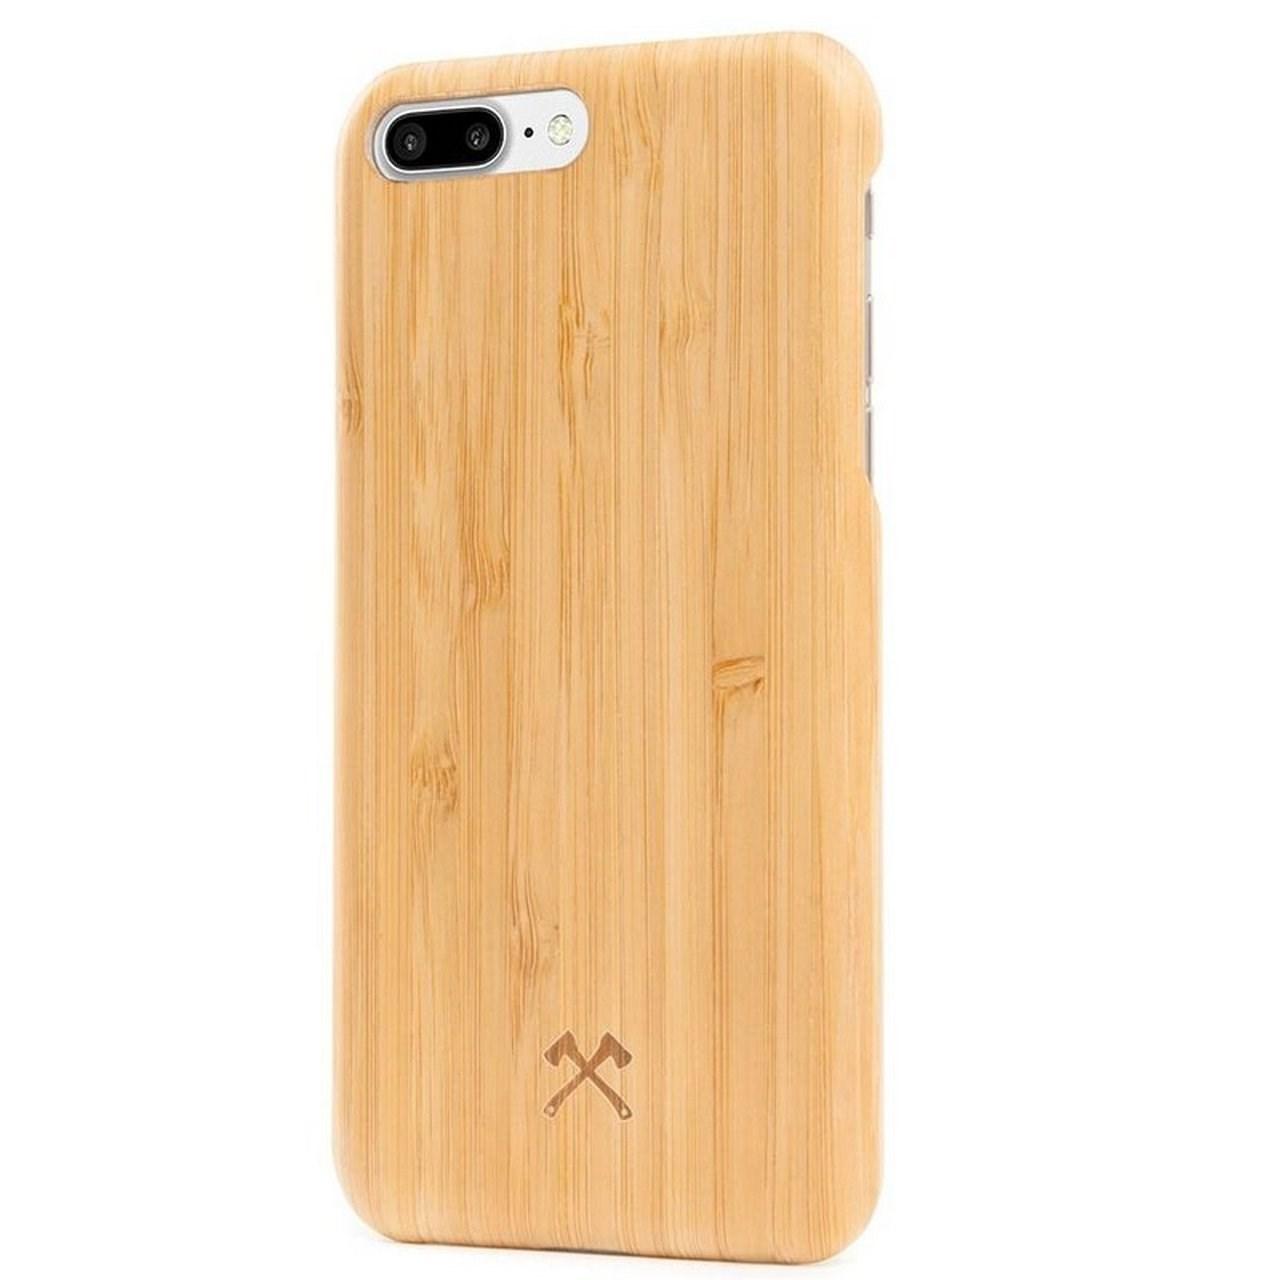 کاور چوبی وودسسوریز مدل Baron مناسب برای گوشی های موبایل آیفون 7 پلاس و آیفون 8 پلاس